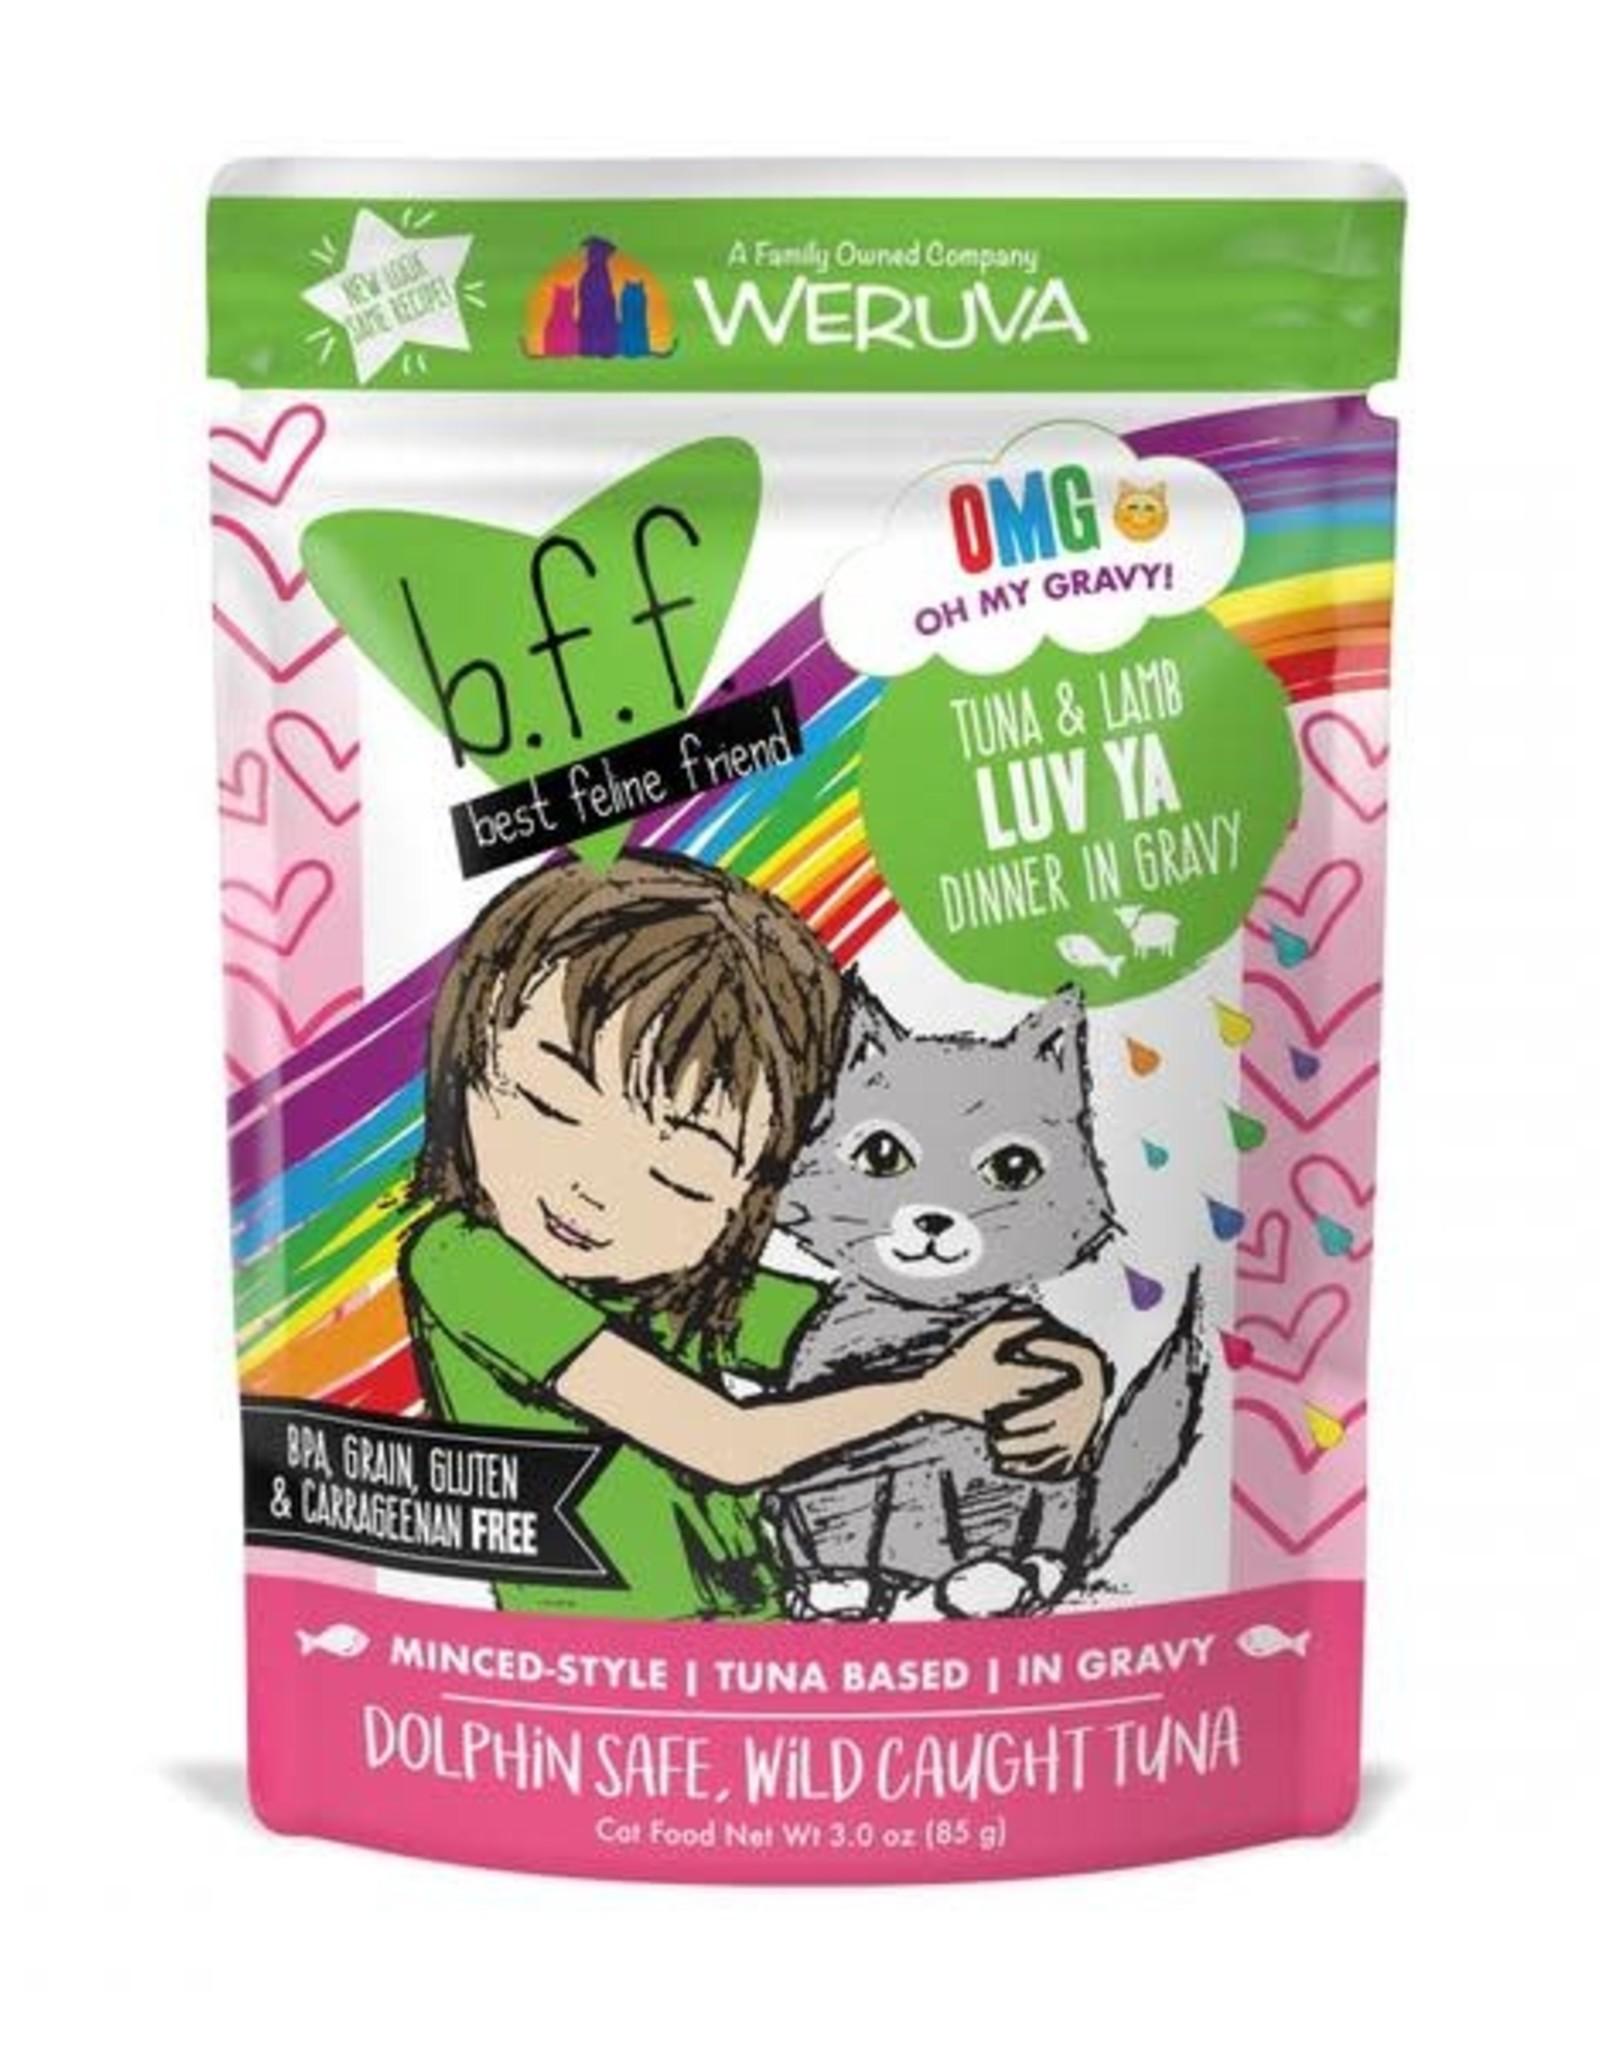 Weruva Weruva BFF Tuna & Lamb Luv Ya Cat Food Pouch 3 oz